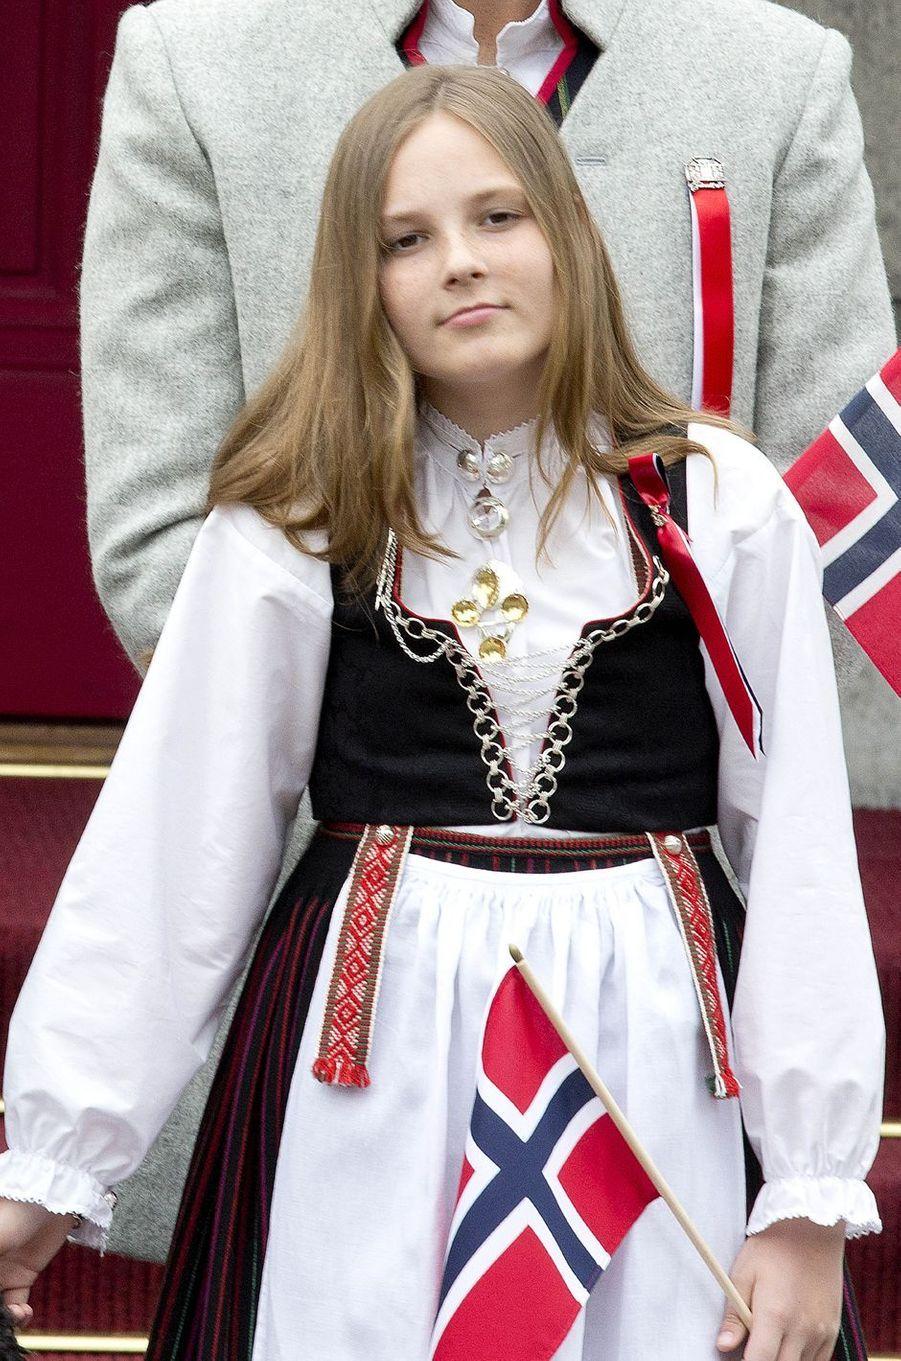 La princesse Ingrid Alexandra de Norvège à Oslo, le 17 mai 2017